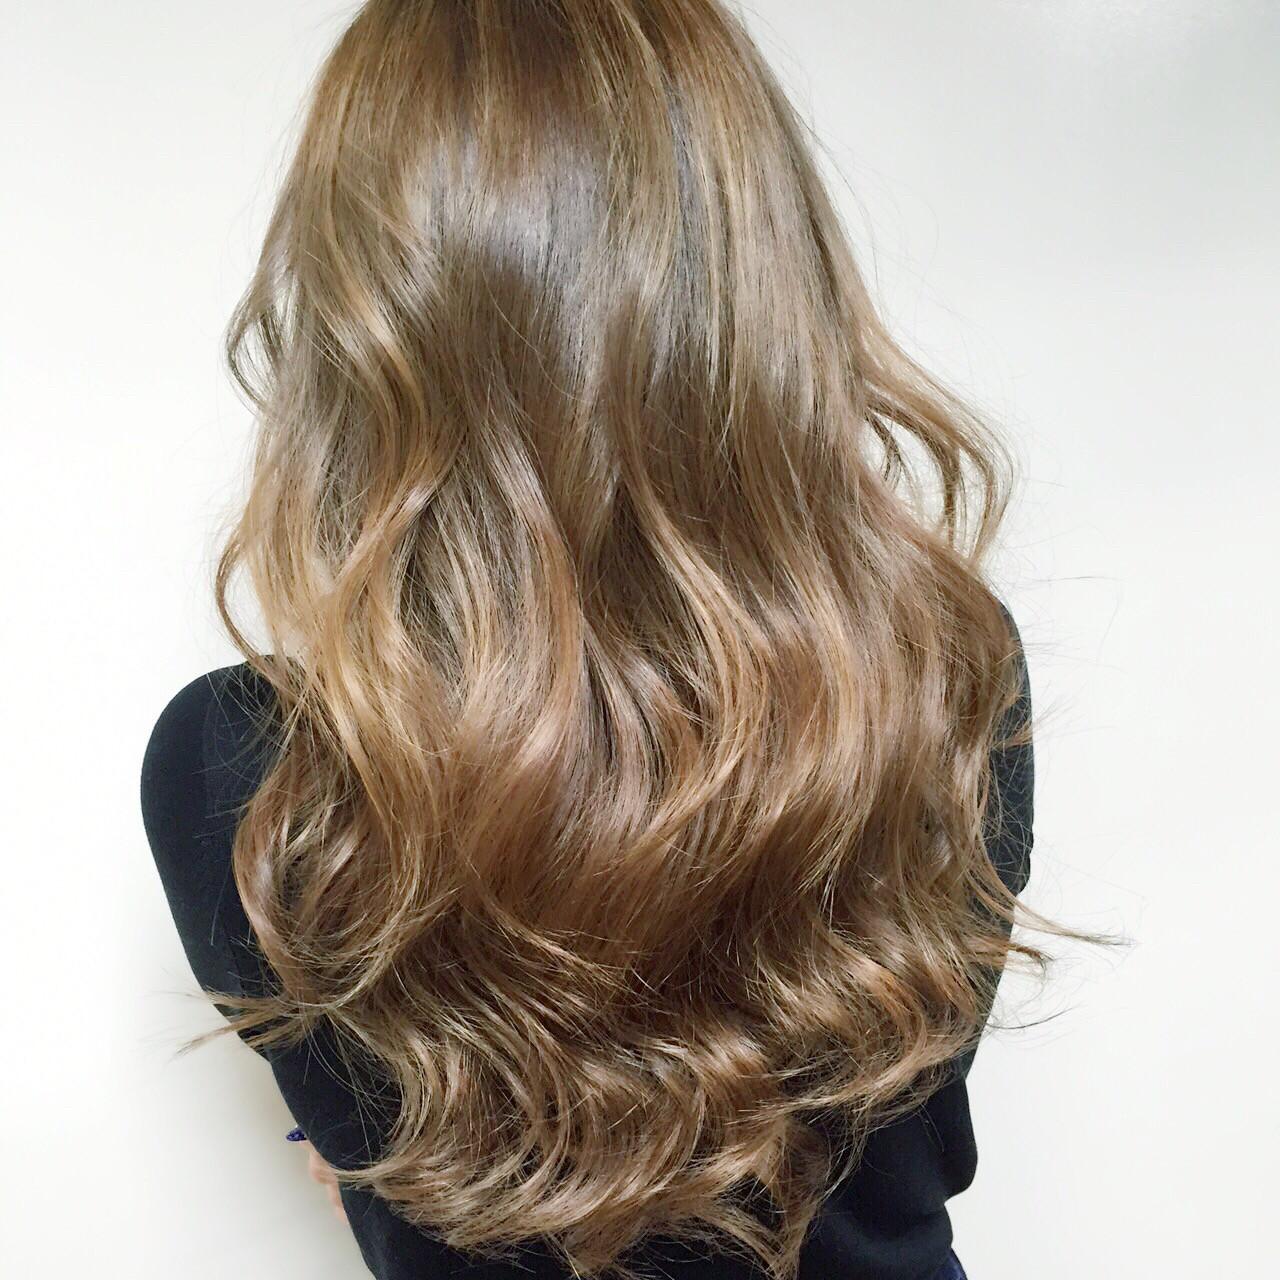 夏 アッシュ ハイライト ヘアアレンジ ヘアスタイルや髪型の写真・画像 | 佐藤理彩 / Hair Design Laule'a